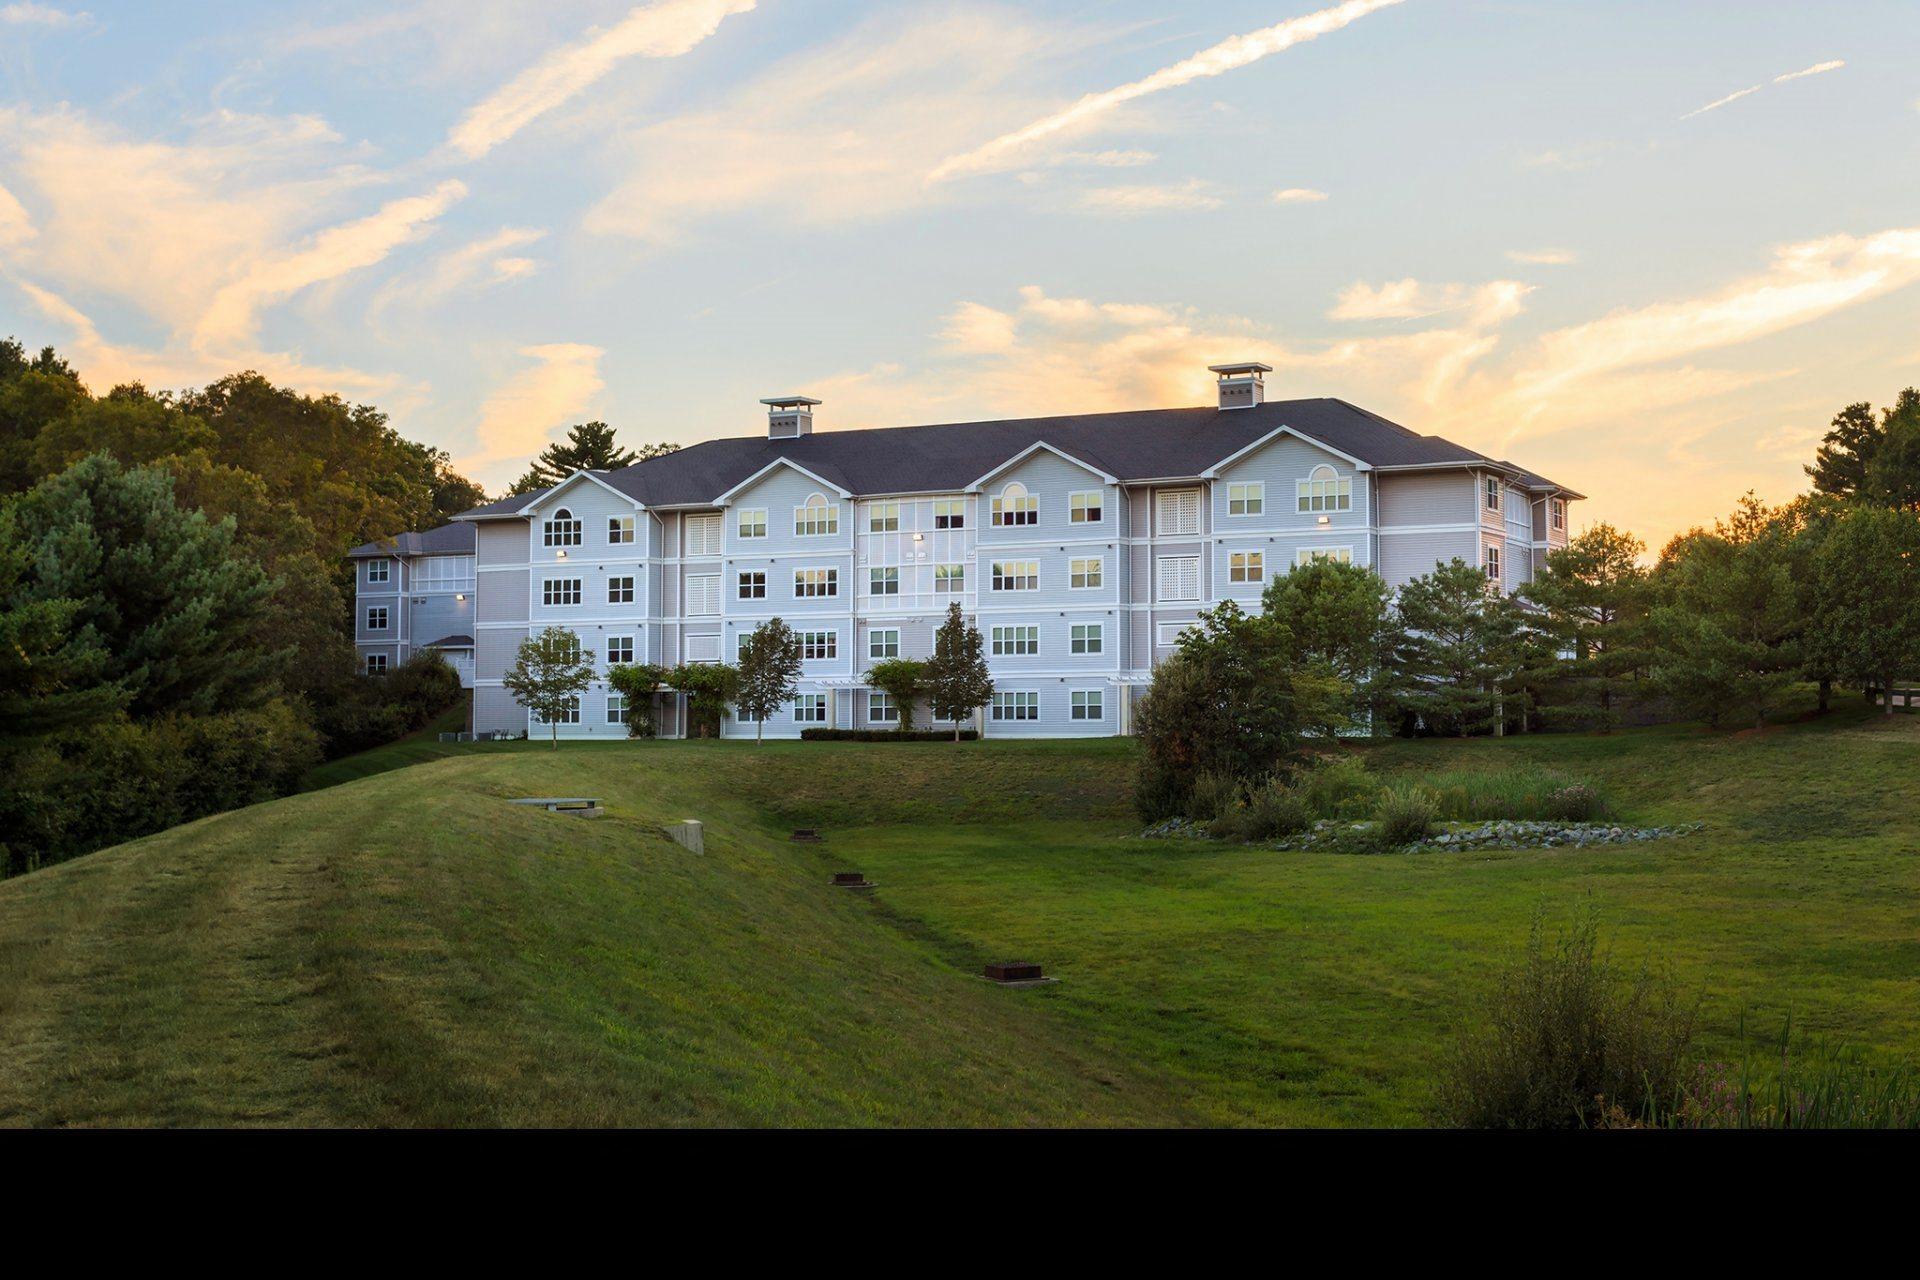 Beautiful Property Exterior, The Preserve Apartments, 100 Hilltop Dr, Walpole, MA